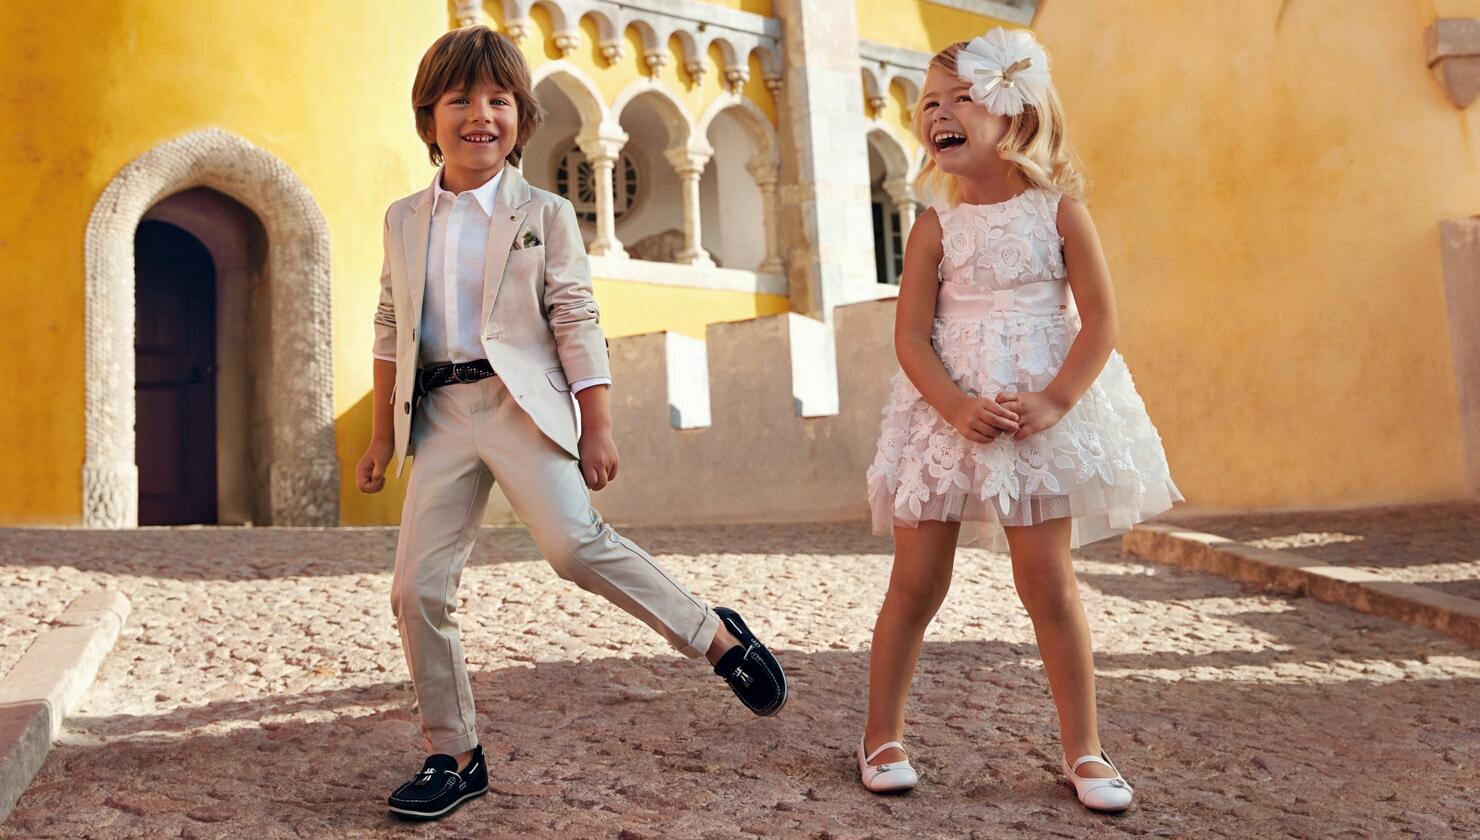 e6d9ebe8b603 Mon Mary– мультибрендовый магазин одежды для детей и подростков. Бренды,  представленные в магазине практичны, удобны, с безупречным дизайном, ...